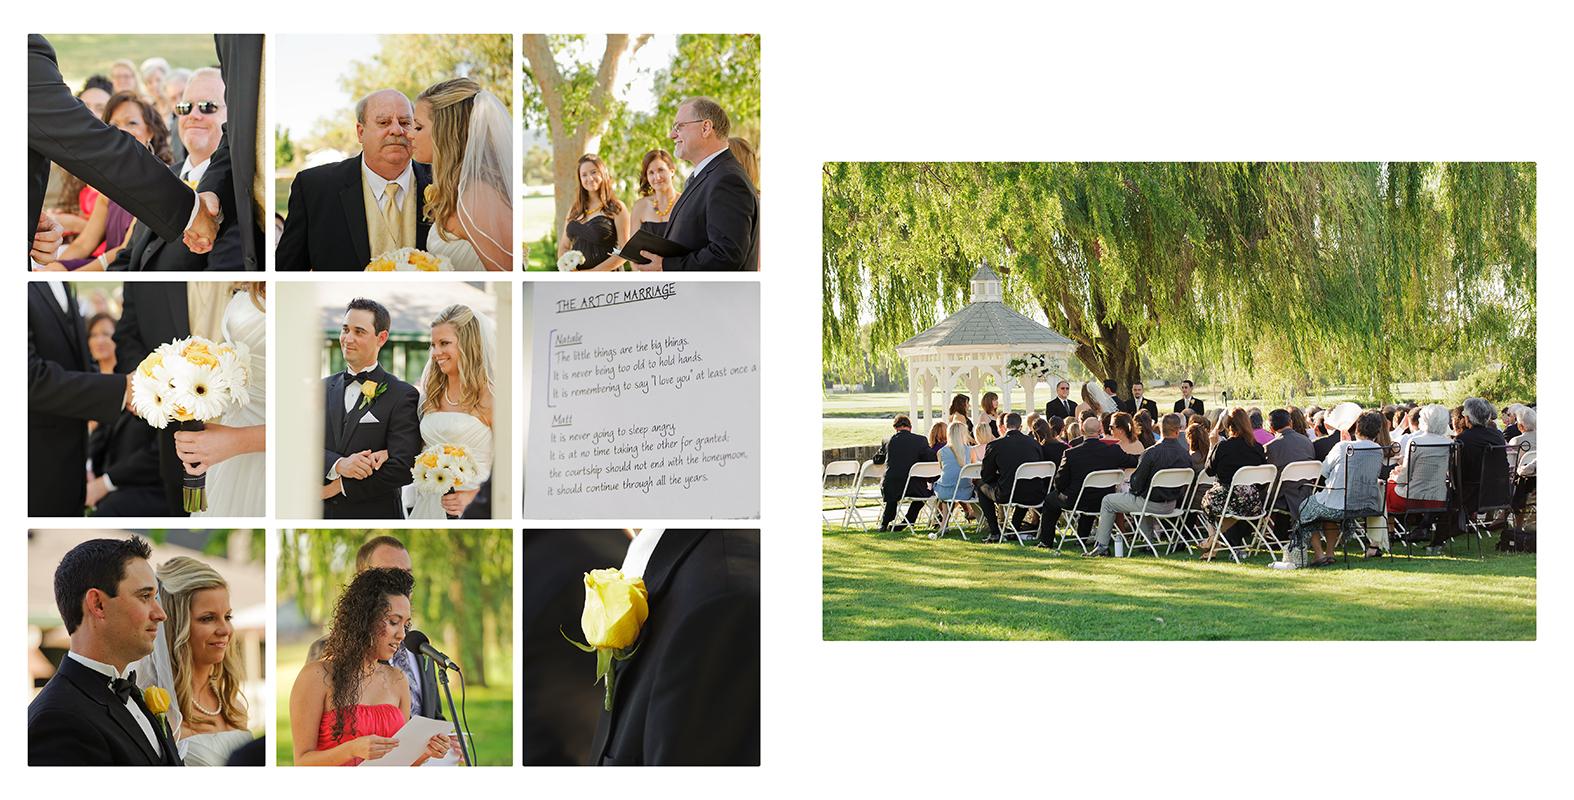 008_Ceremony1